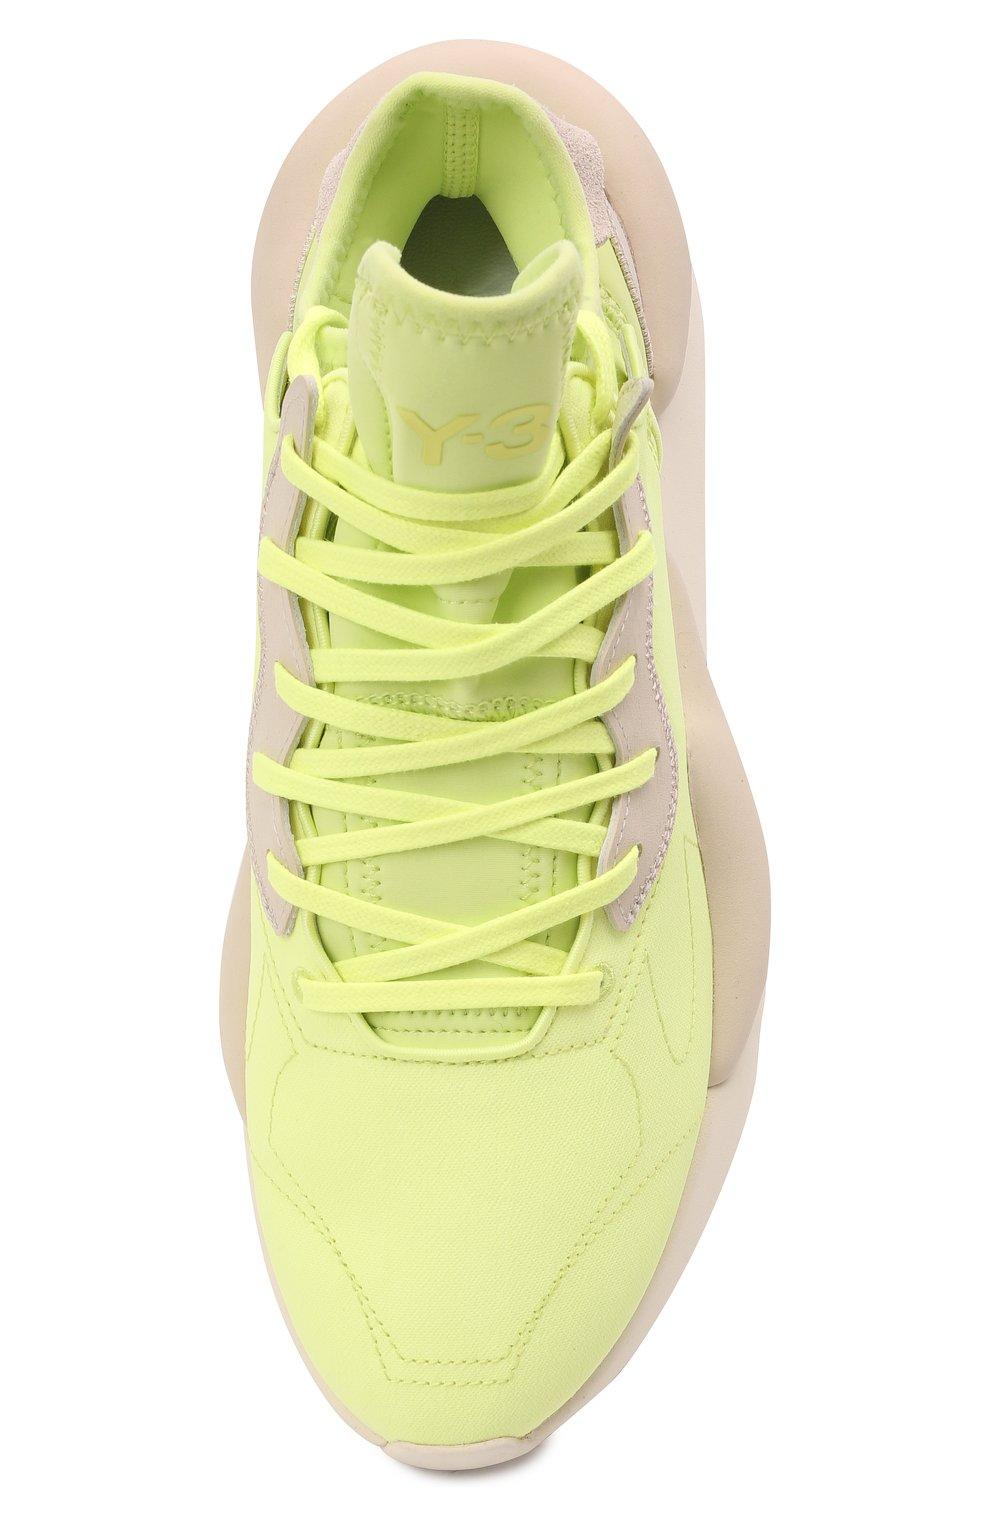 Мужские текстильные кроссовки kaiwa Y-3 светло-зеленого цвета, арт. GZ9144/M | Фото 5 (Материал внешний: Текстиль; Материал внутренний: Натуральная кожа, Текстиль; Подошва: Массивная; Стили: Спорт)